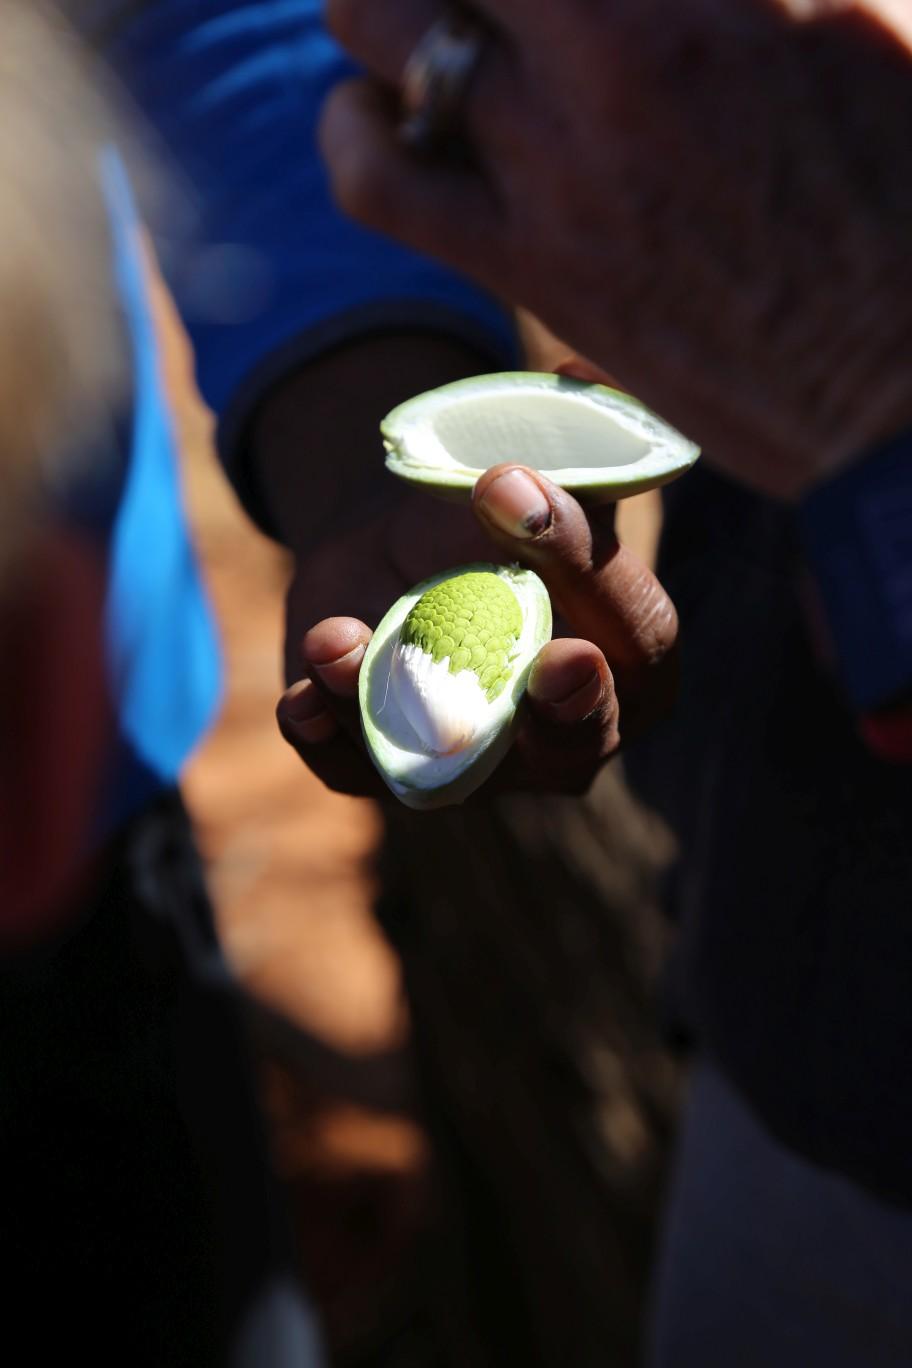 Gagurla, or bush pear, found at the MRO by Ernie Dingo